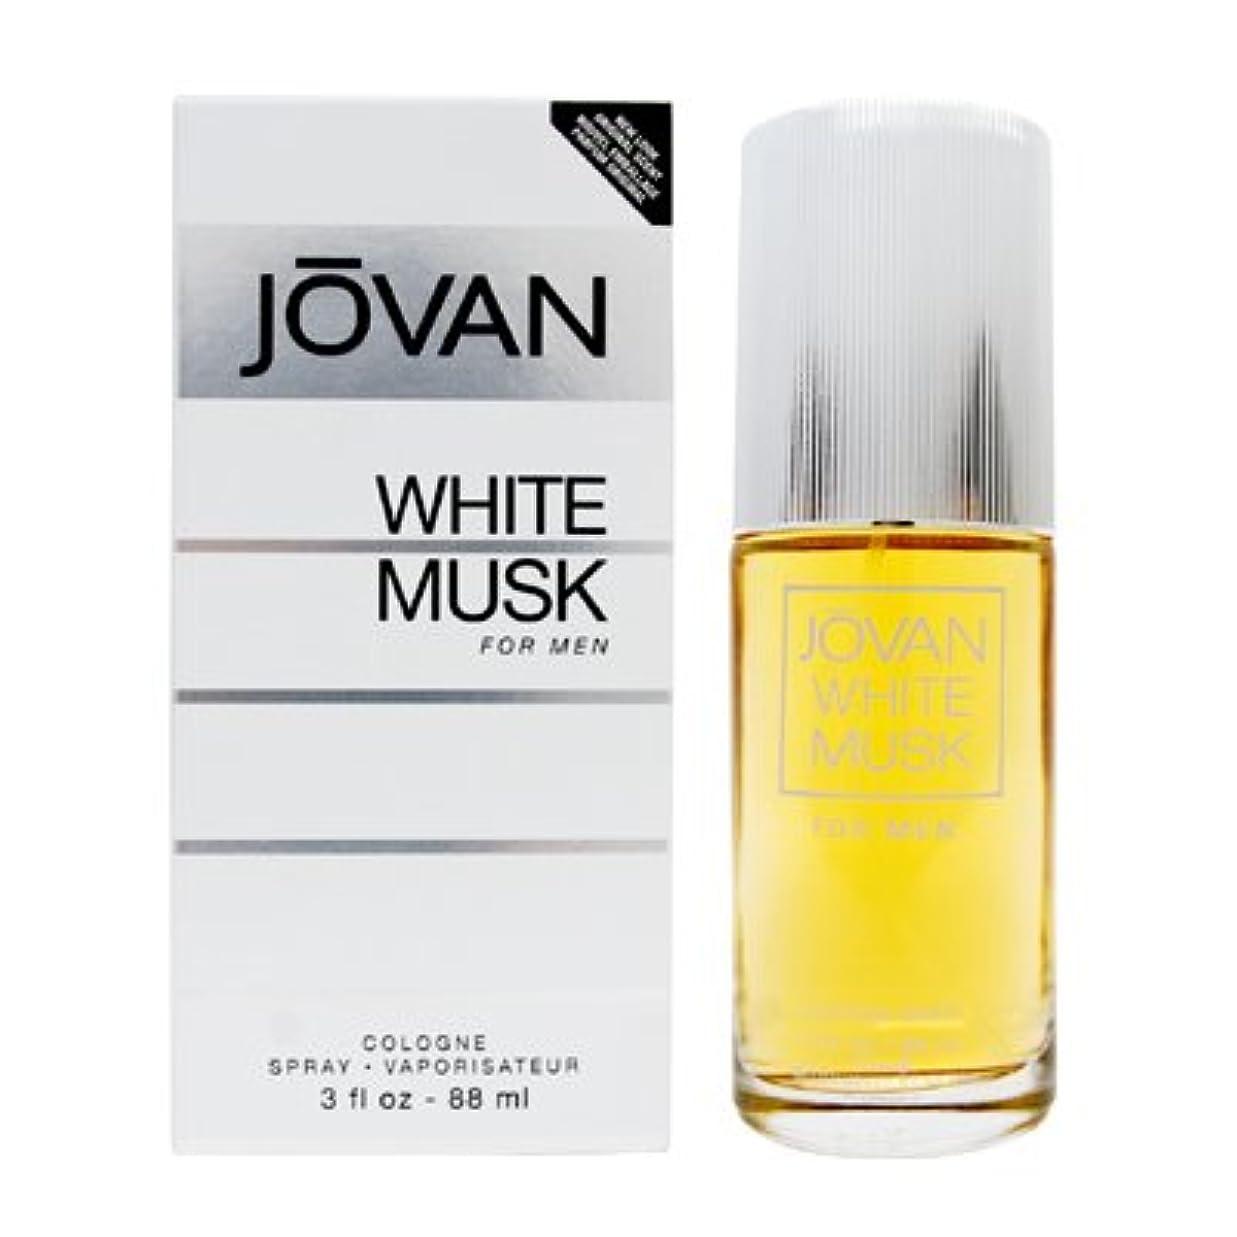 実験豪華なビザジョーバン?ホワイトムスク フォーメン EDC SP (男性用香水) 88ml(並行輸入品)